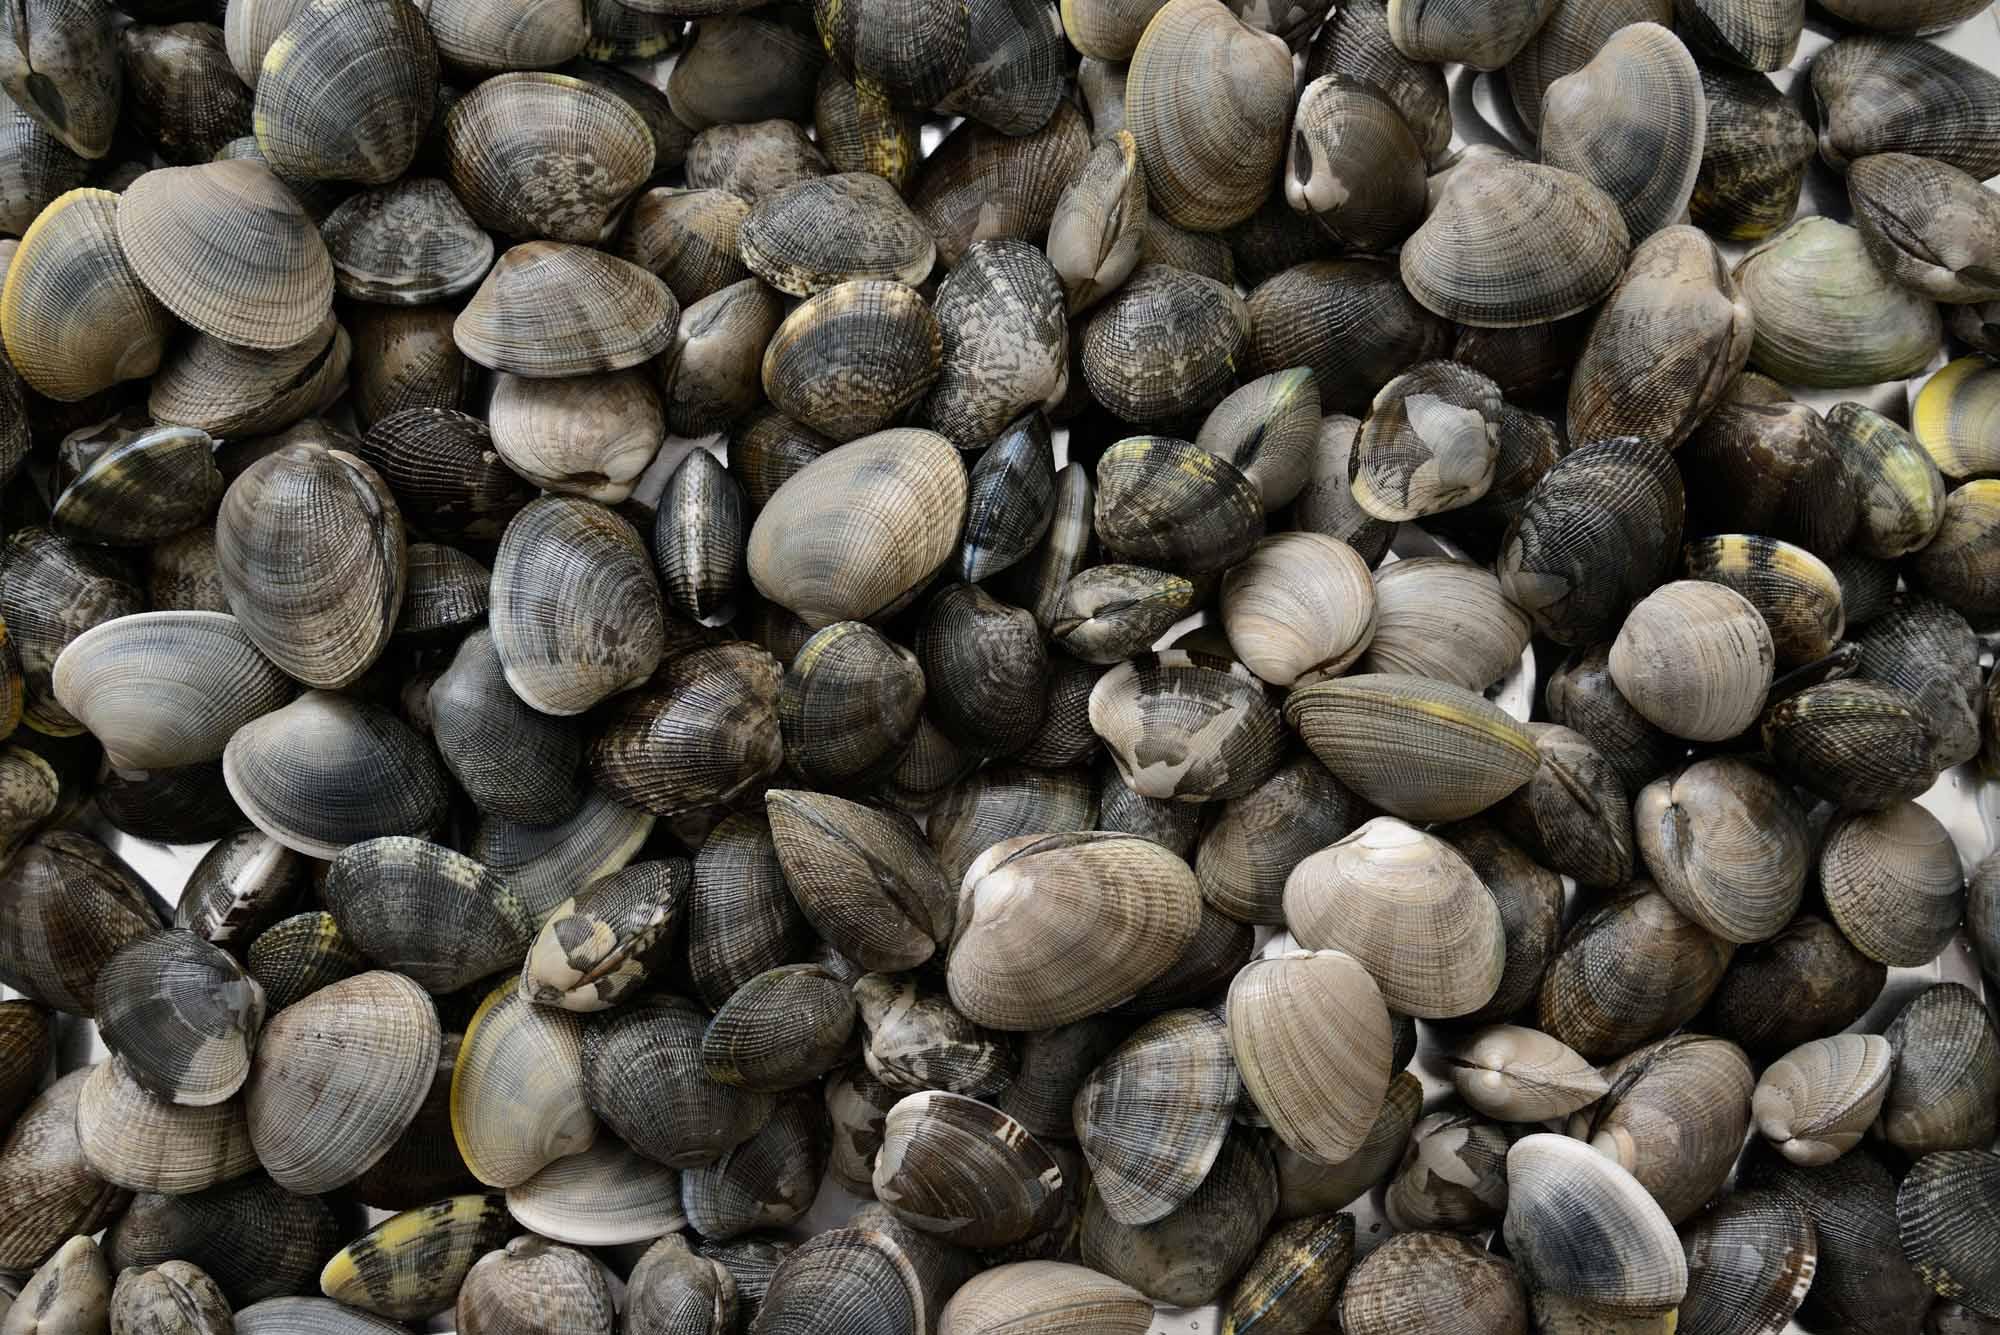 Manila clam